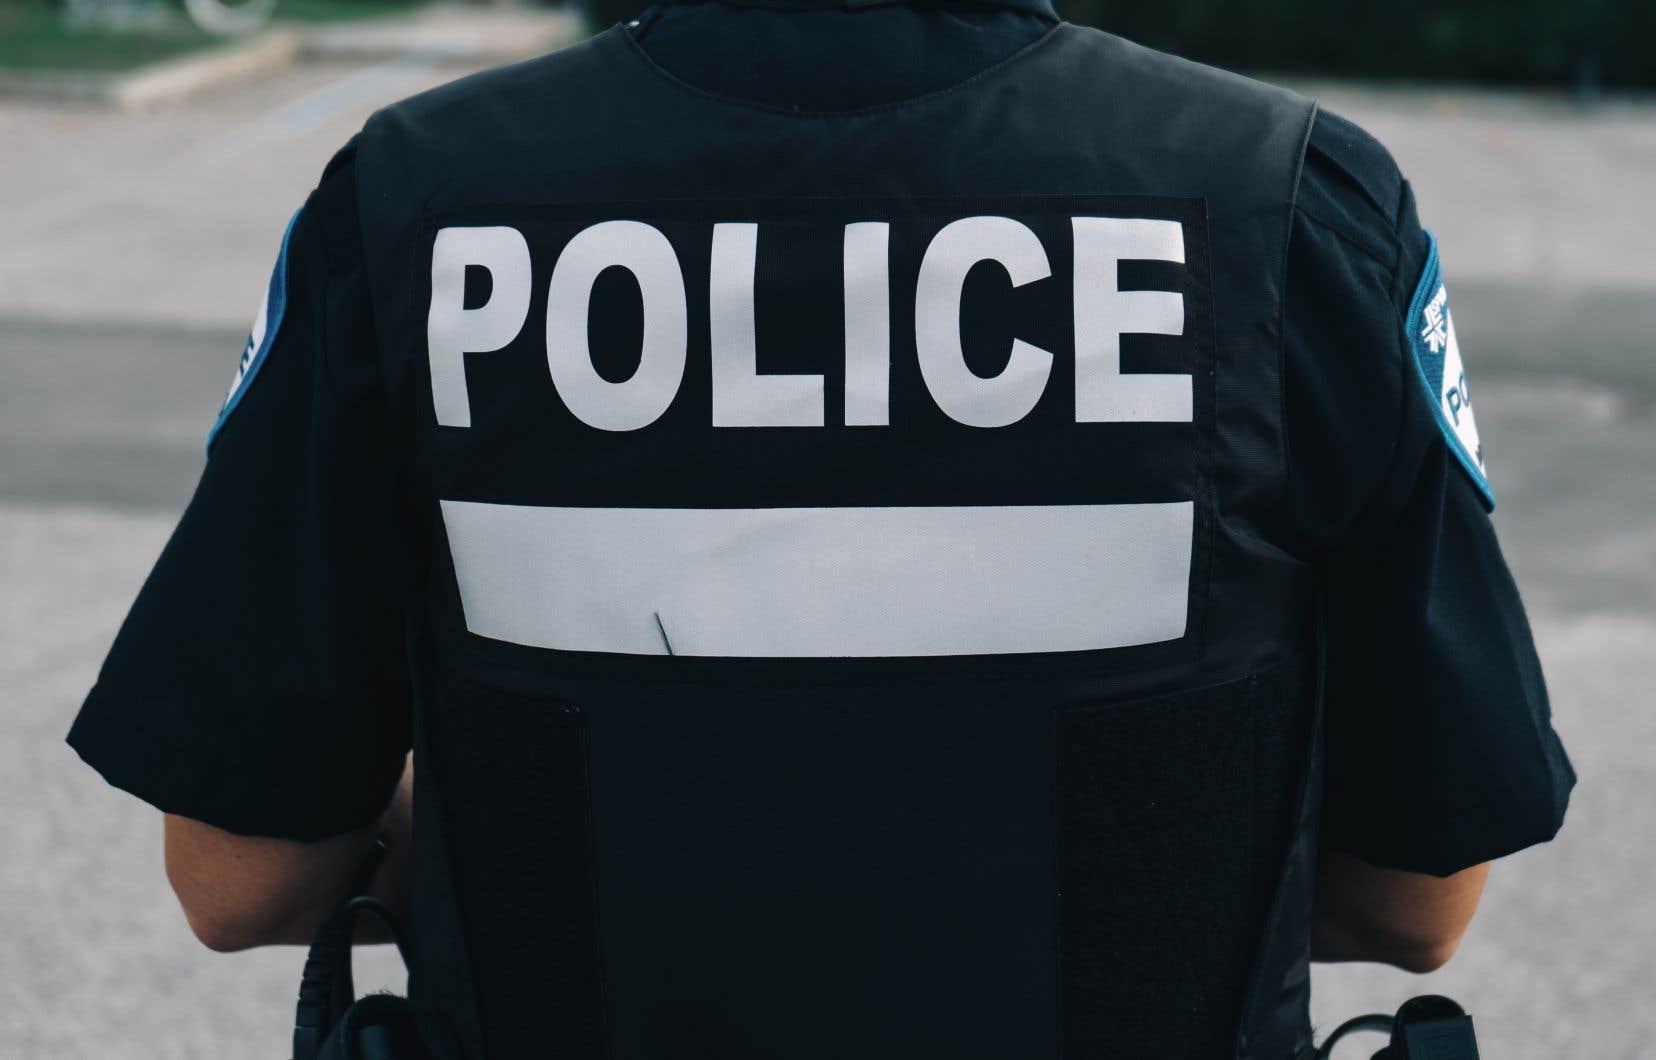 Selon des données obtenues par «Le Devoir», 26% des plaintes reçues pour profilage racial ont abouti en médiation à la Commission des droits de la personne au cours des cinq dernières années.